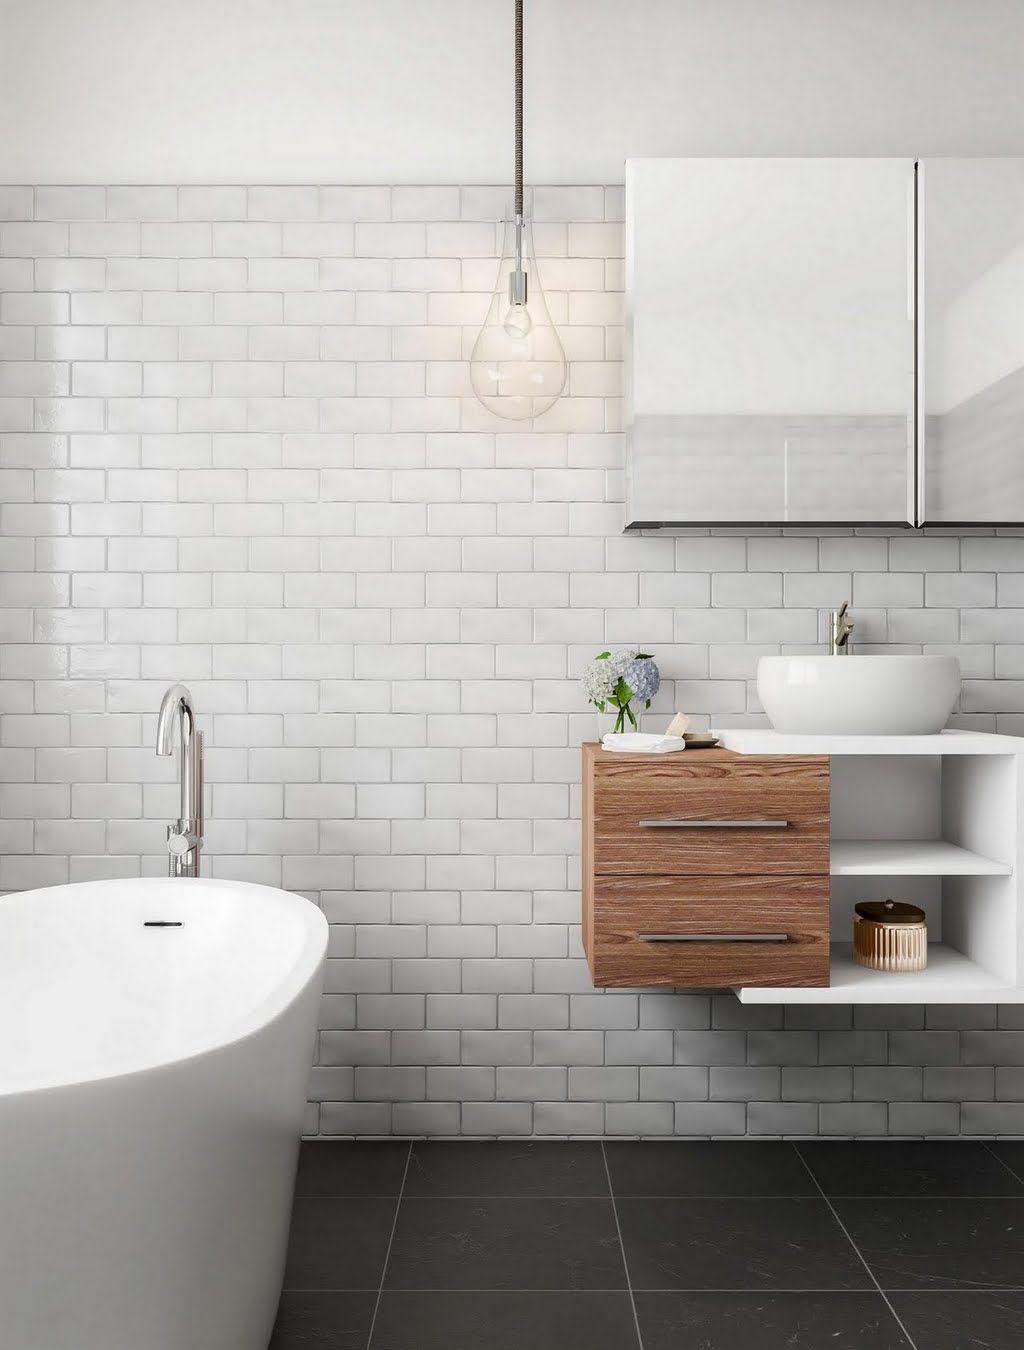 splashback tile catalina gris 3 in x 6 in x 8 mm ceramic